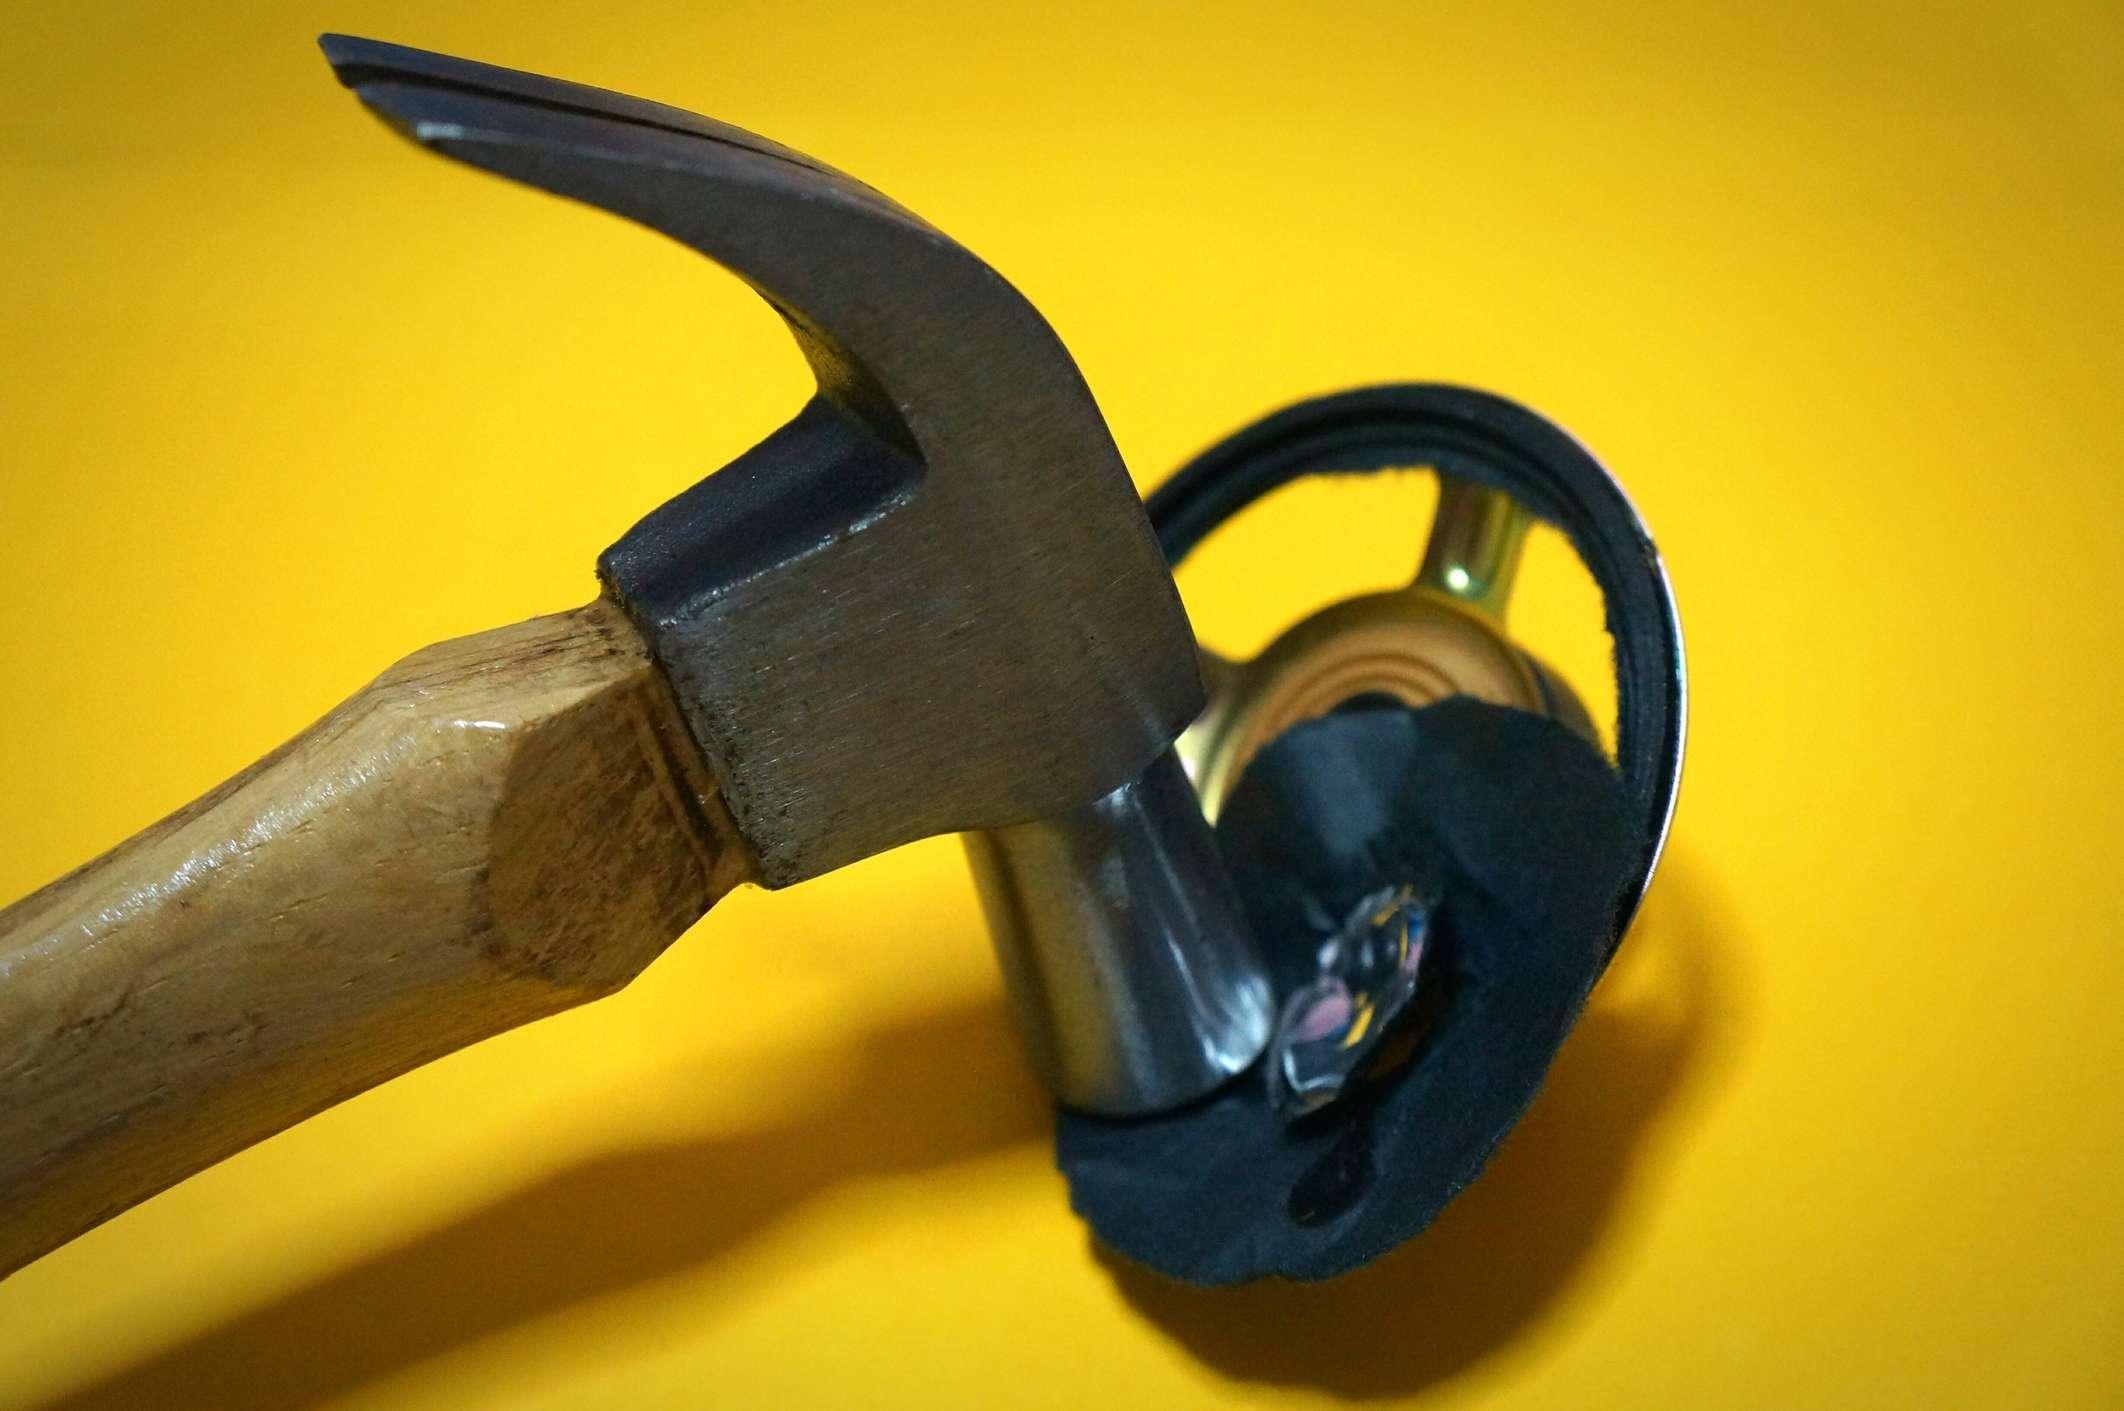 A hammer hitting a speaker cone.